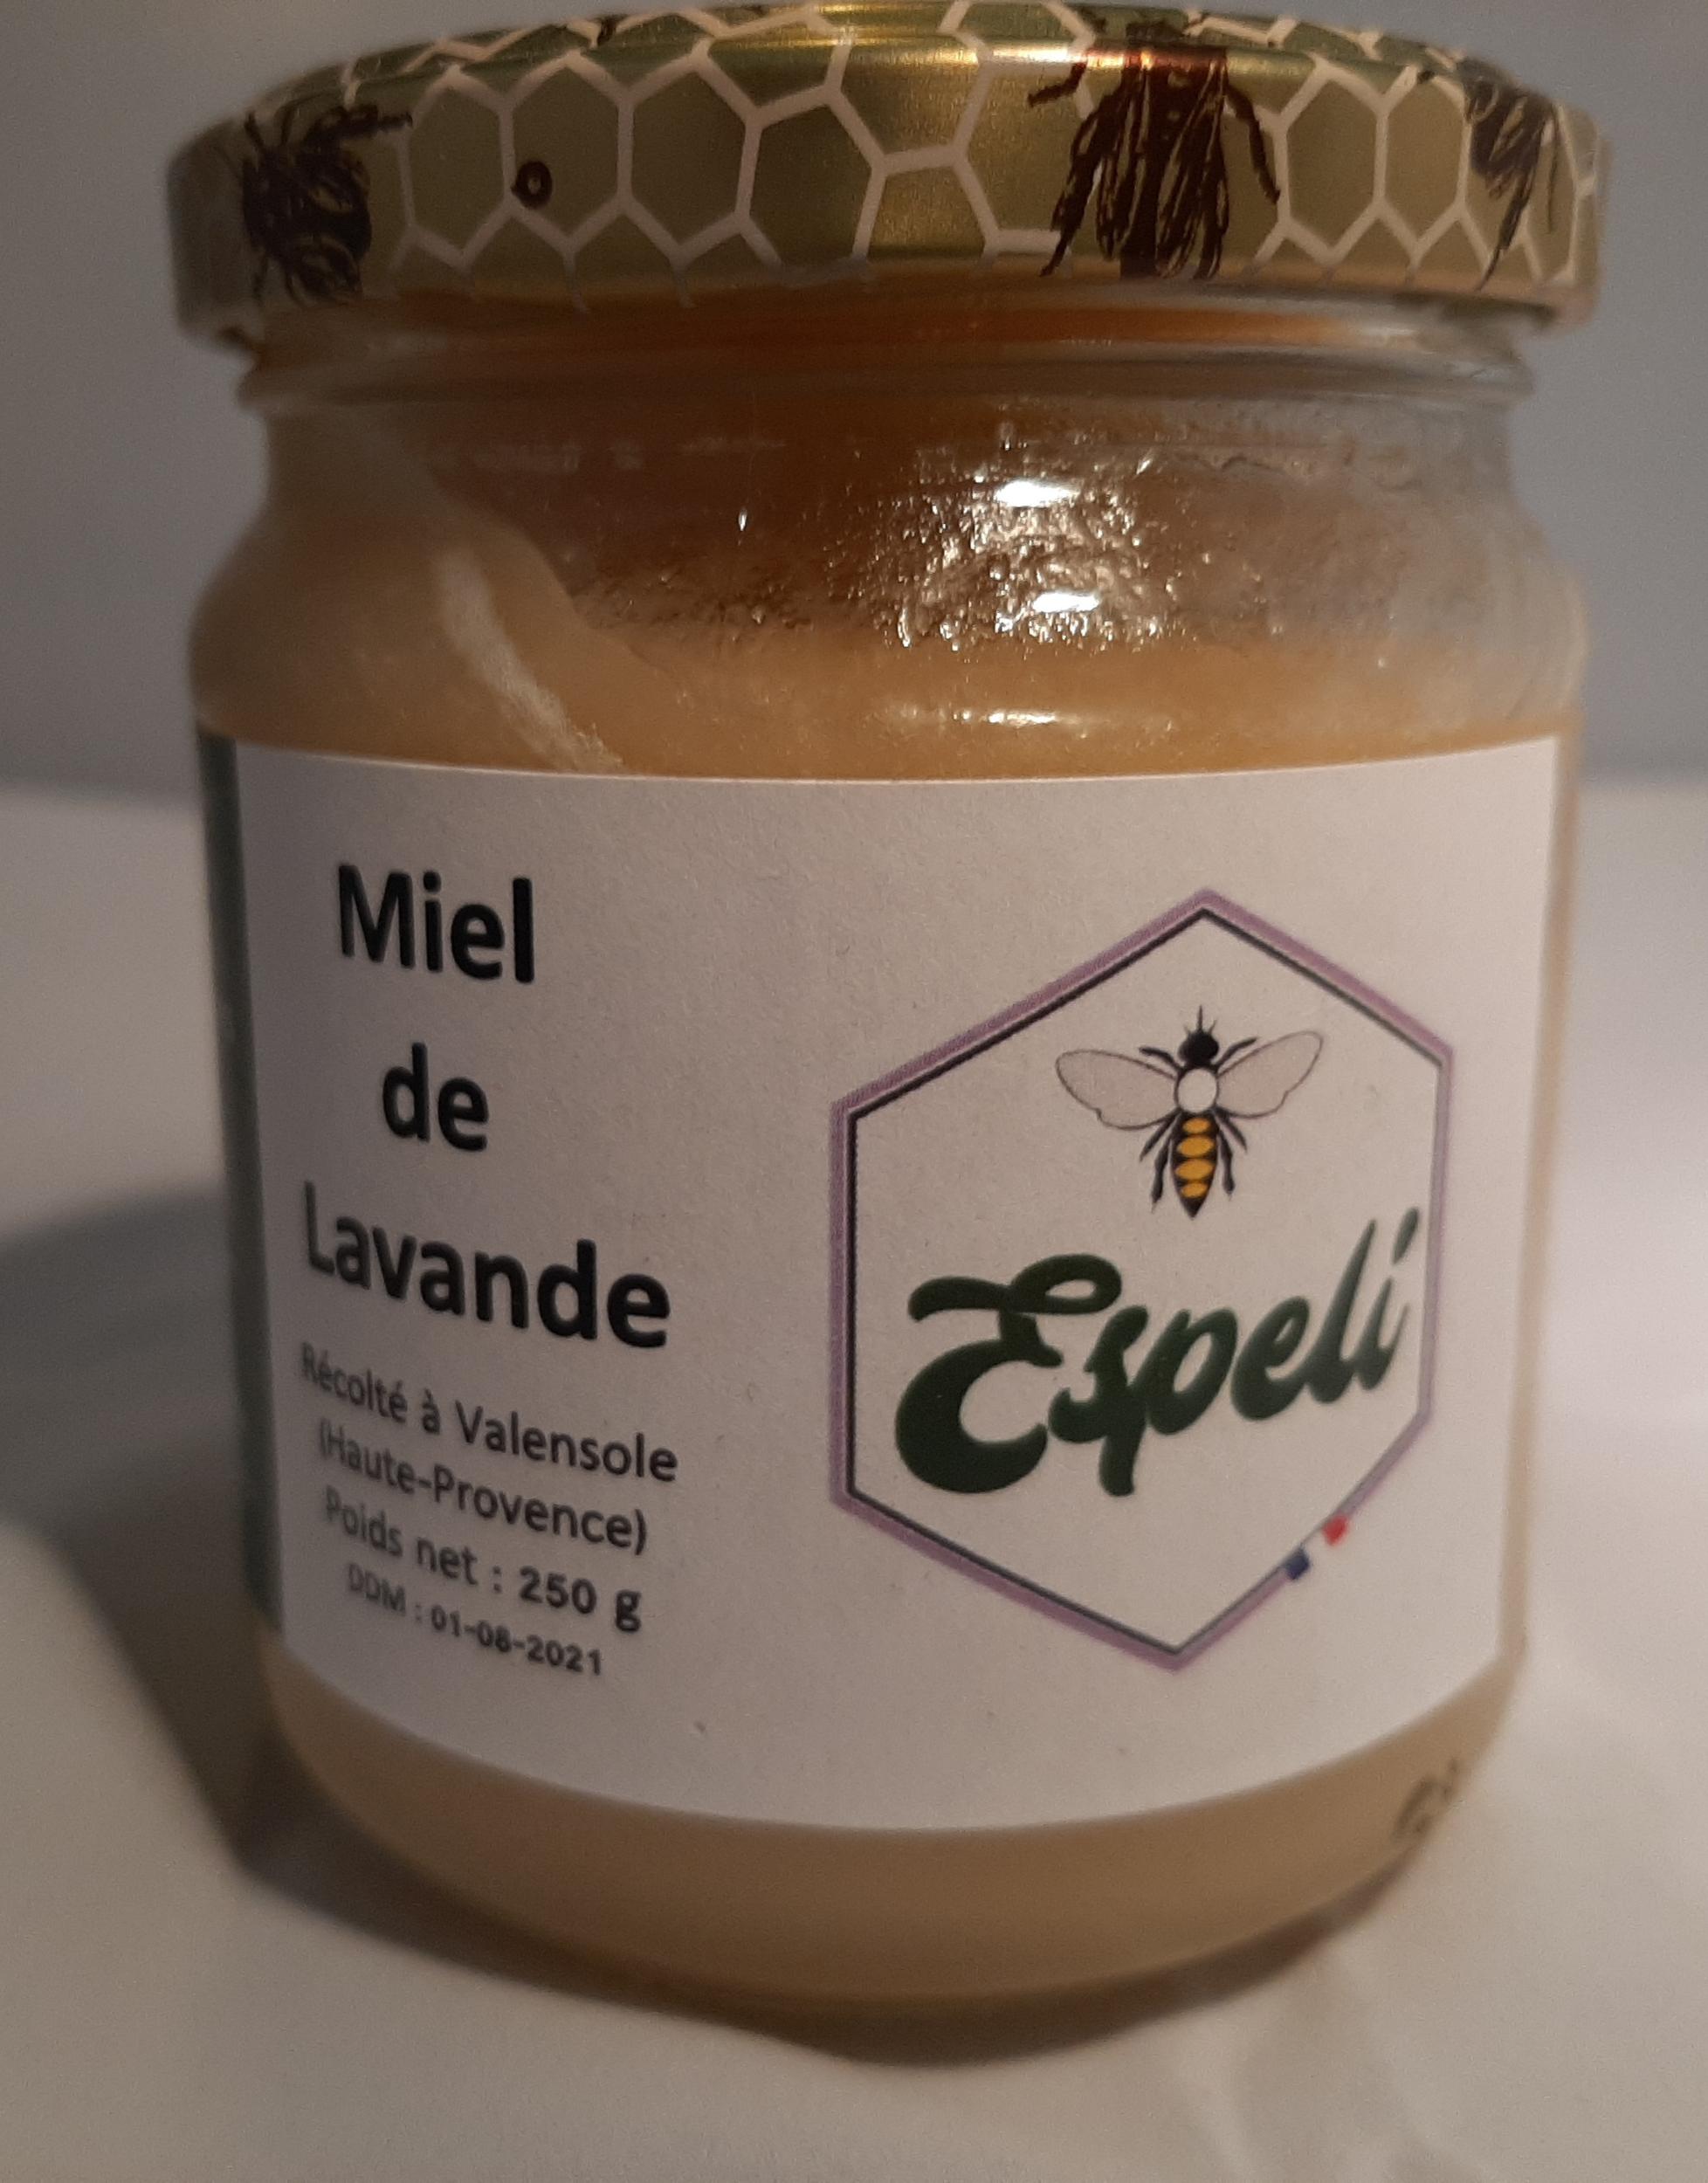 Miel de Lavande - ESPELI - 250 gr